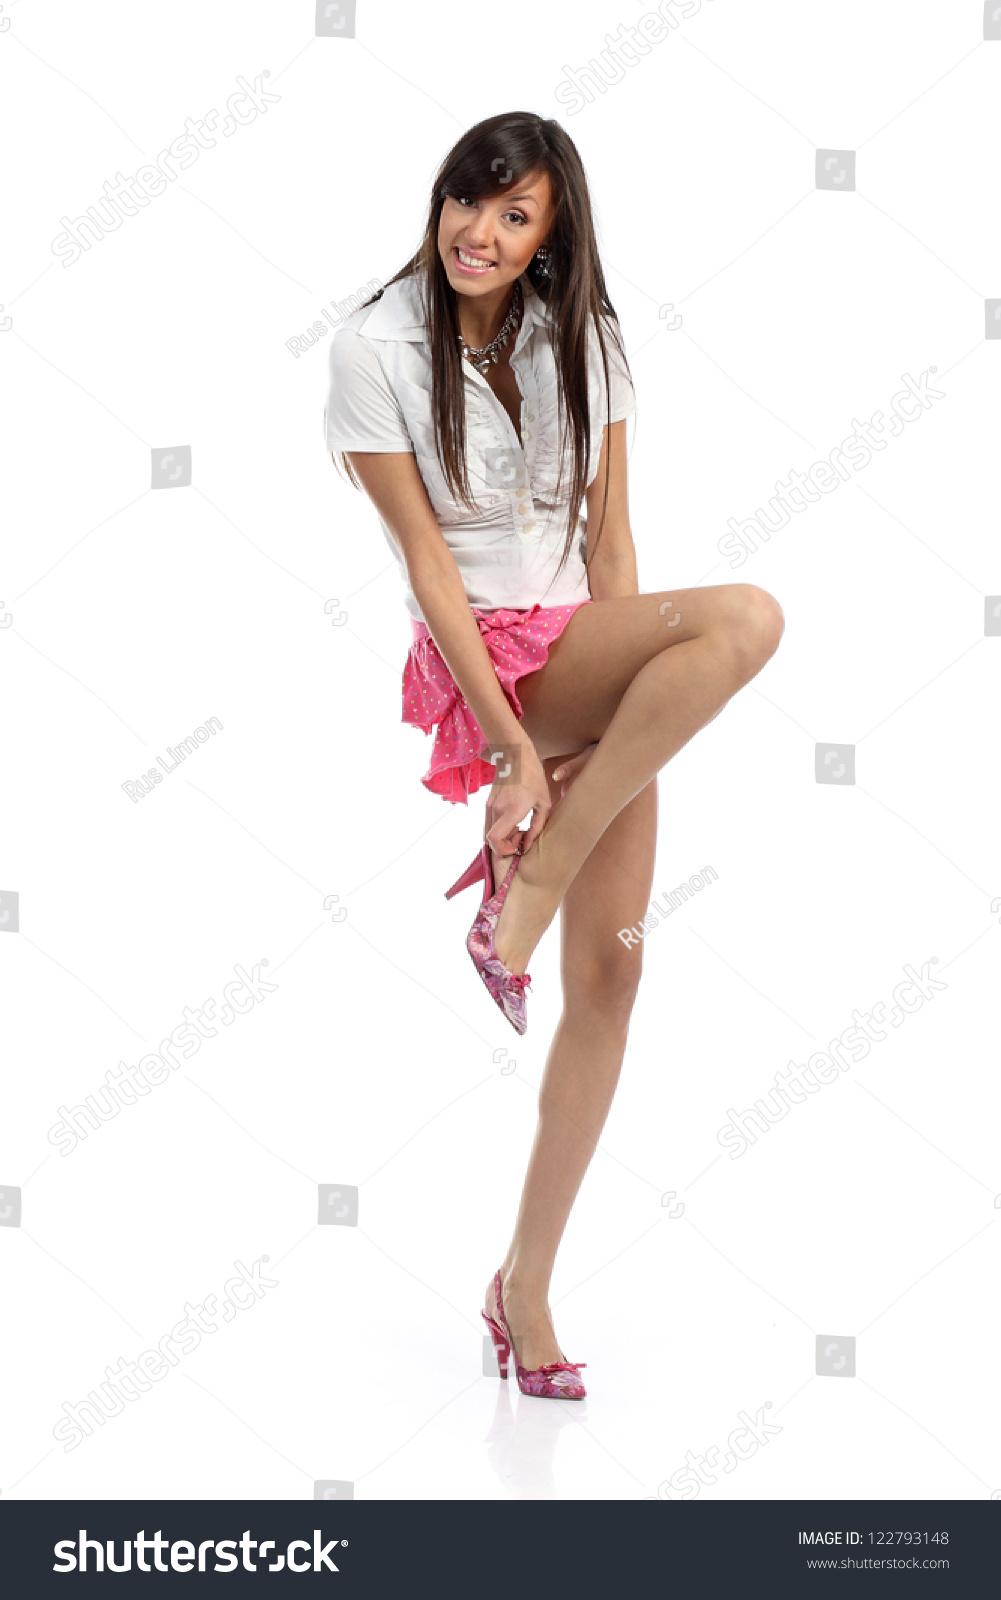 Girl Long Legs Short Skirt Widebrimmed Stock Photo 122793148 ...